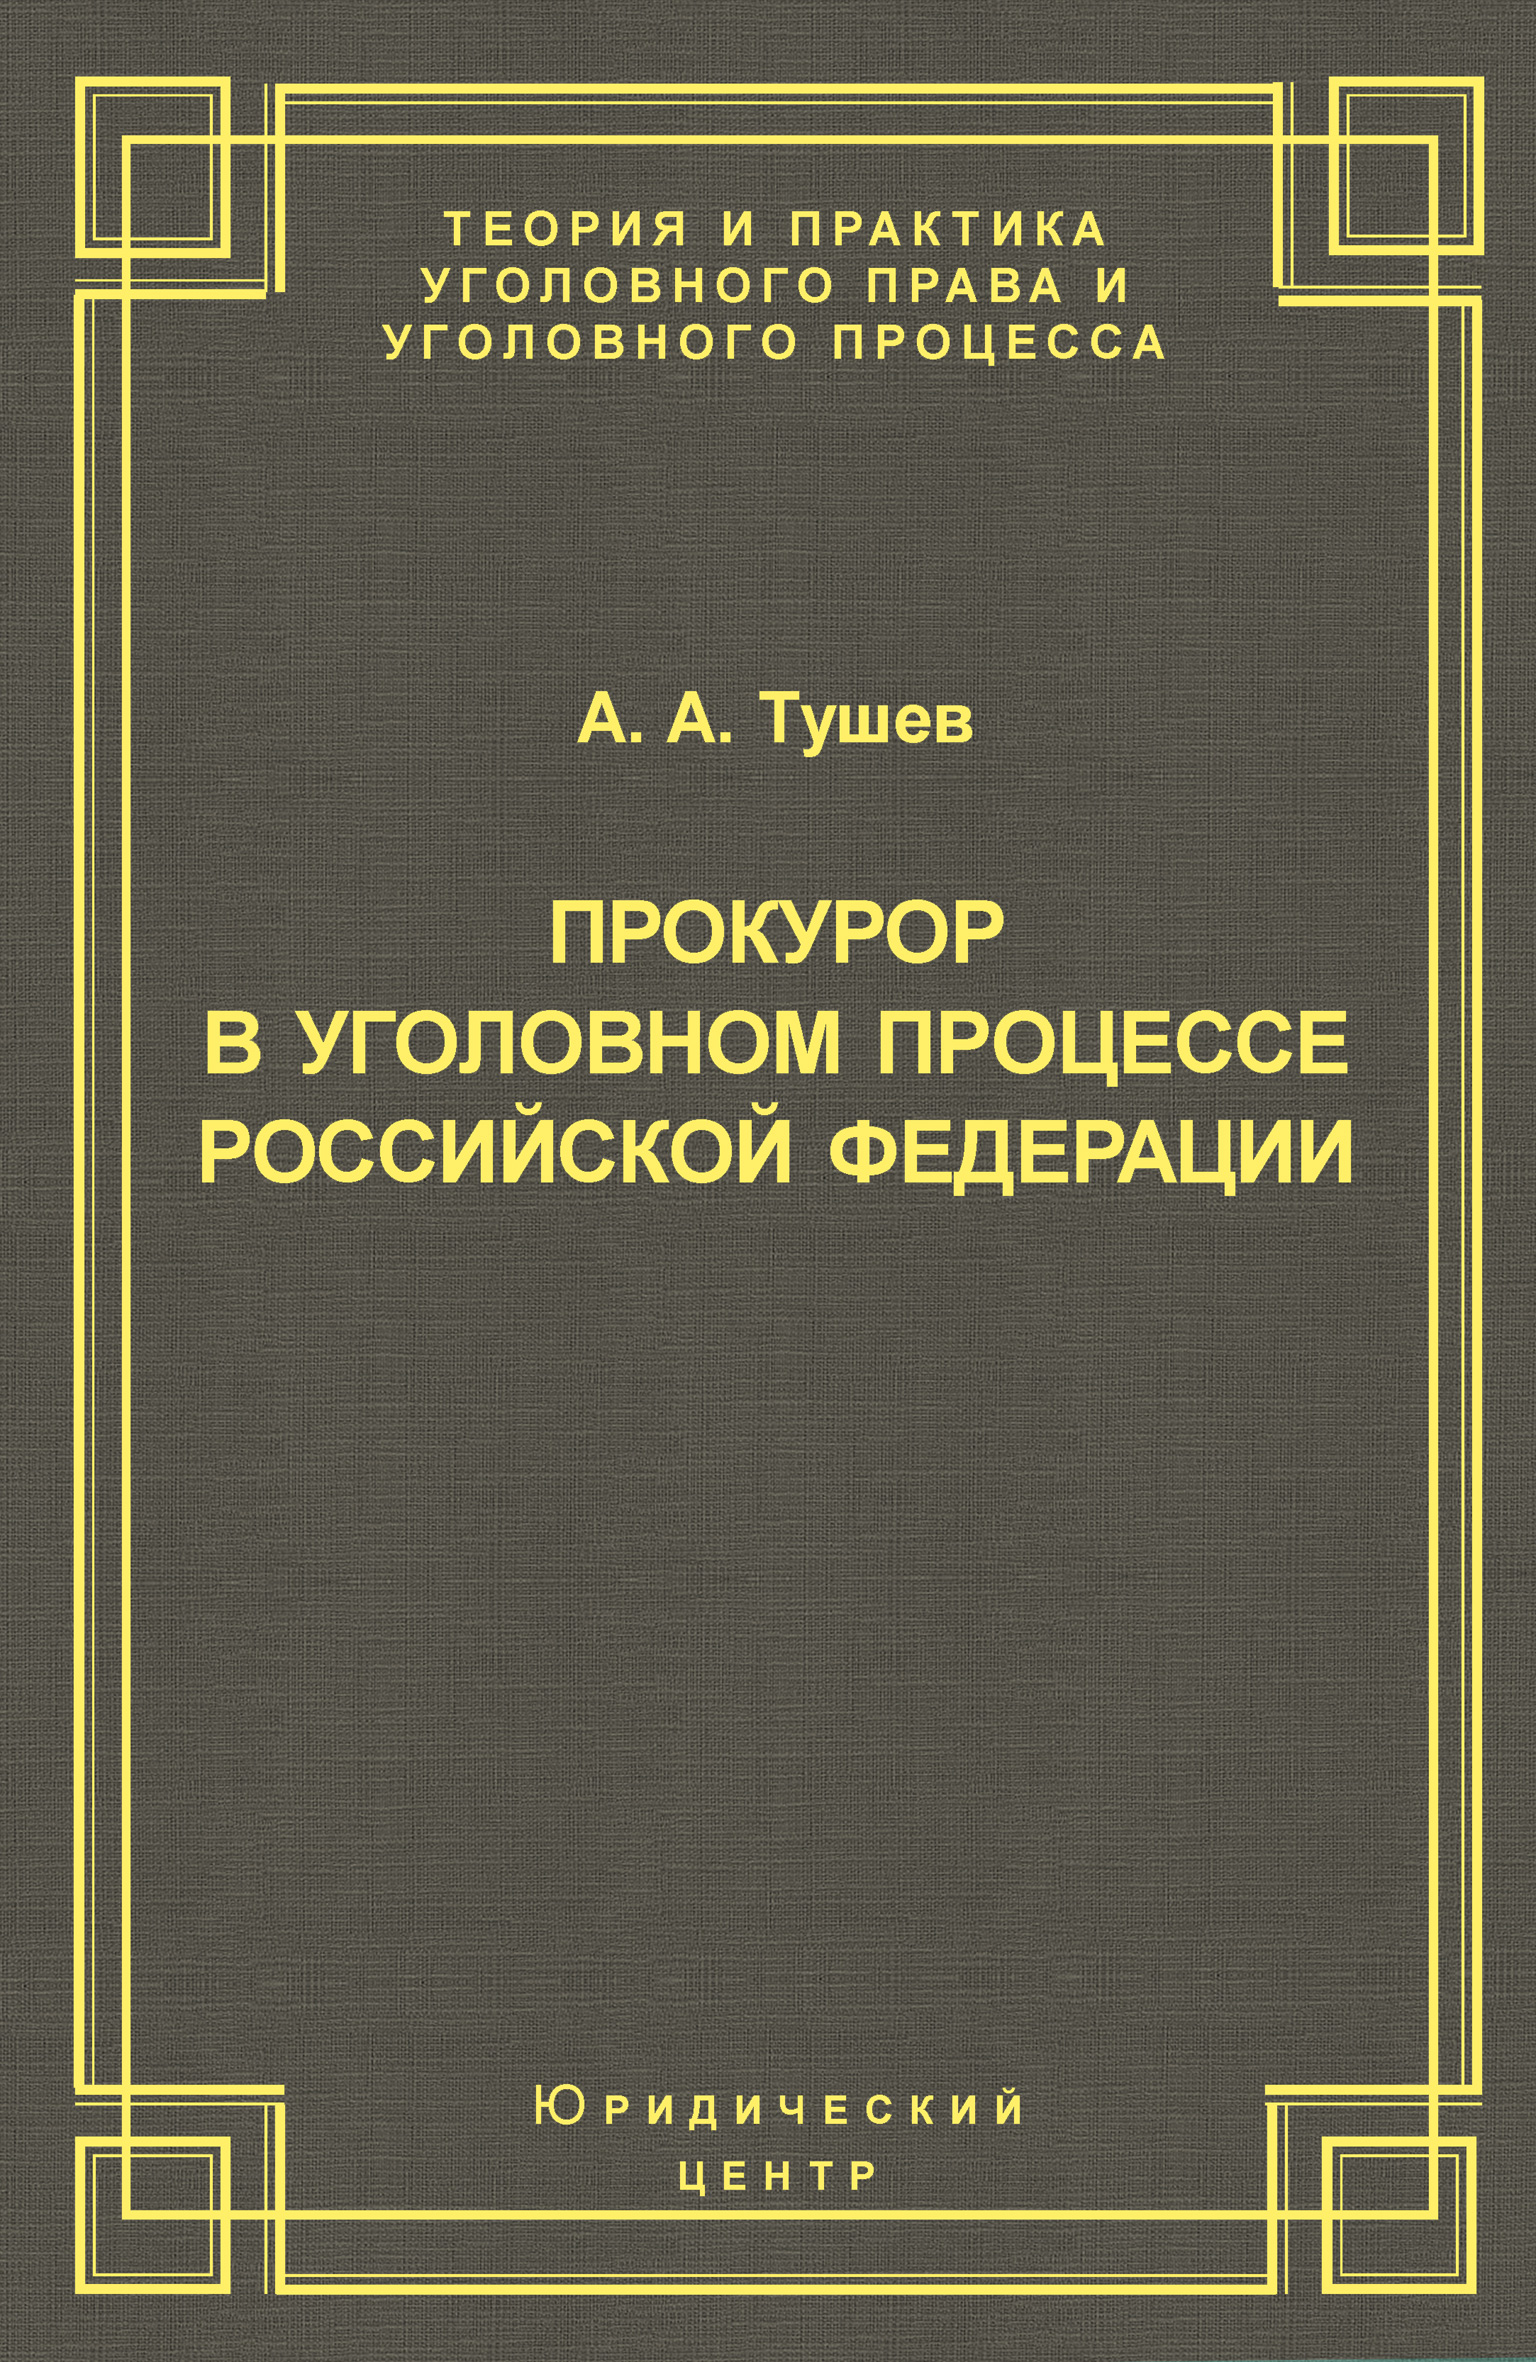 Прокурор в уголовном процессе Российской Федерации